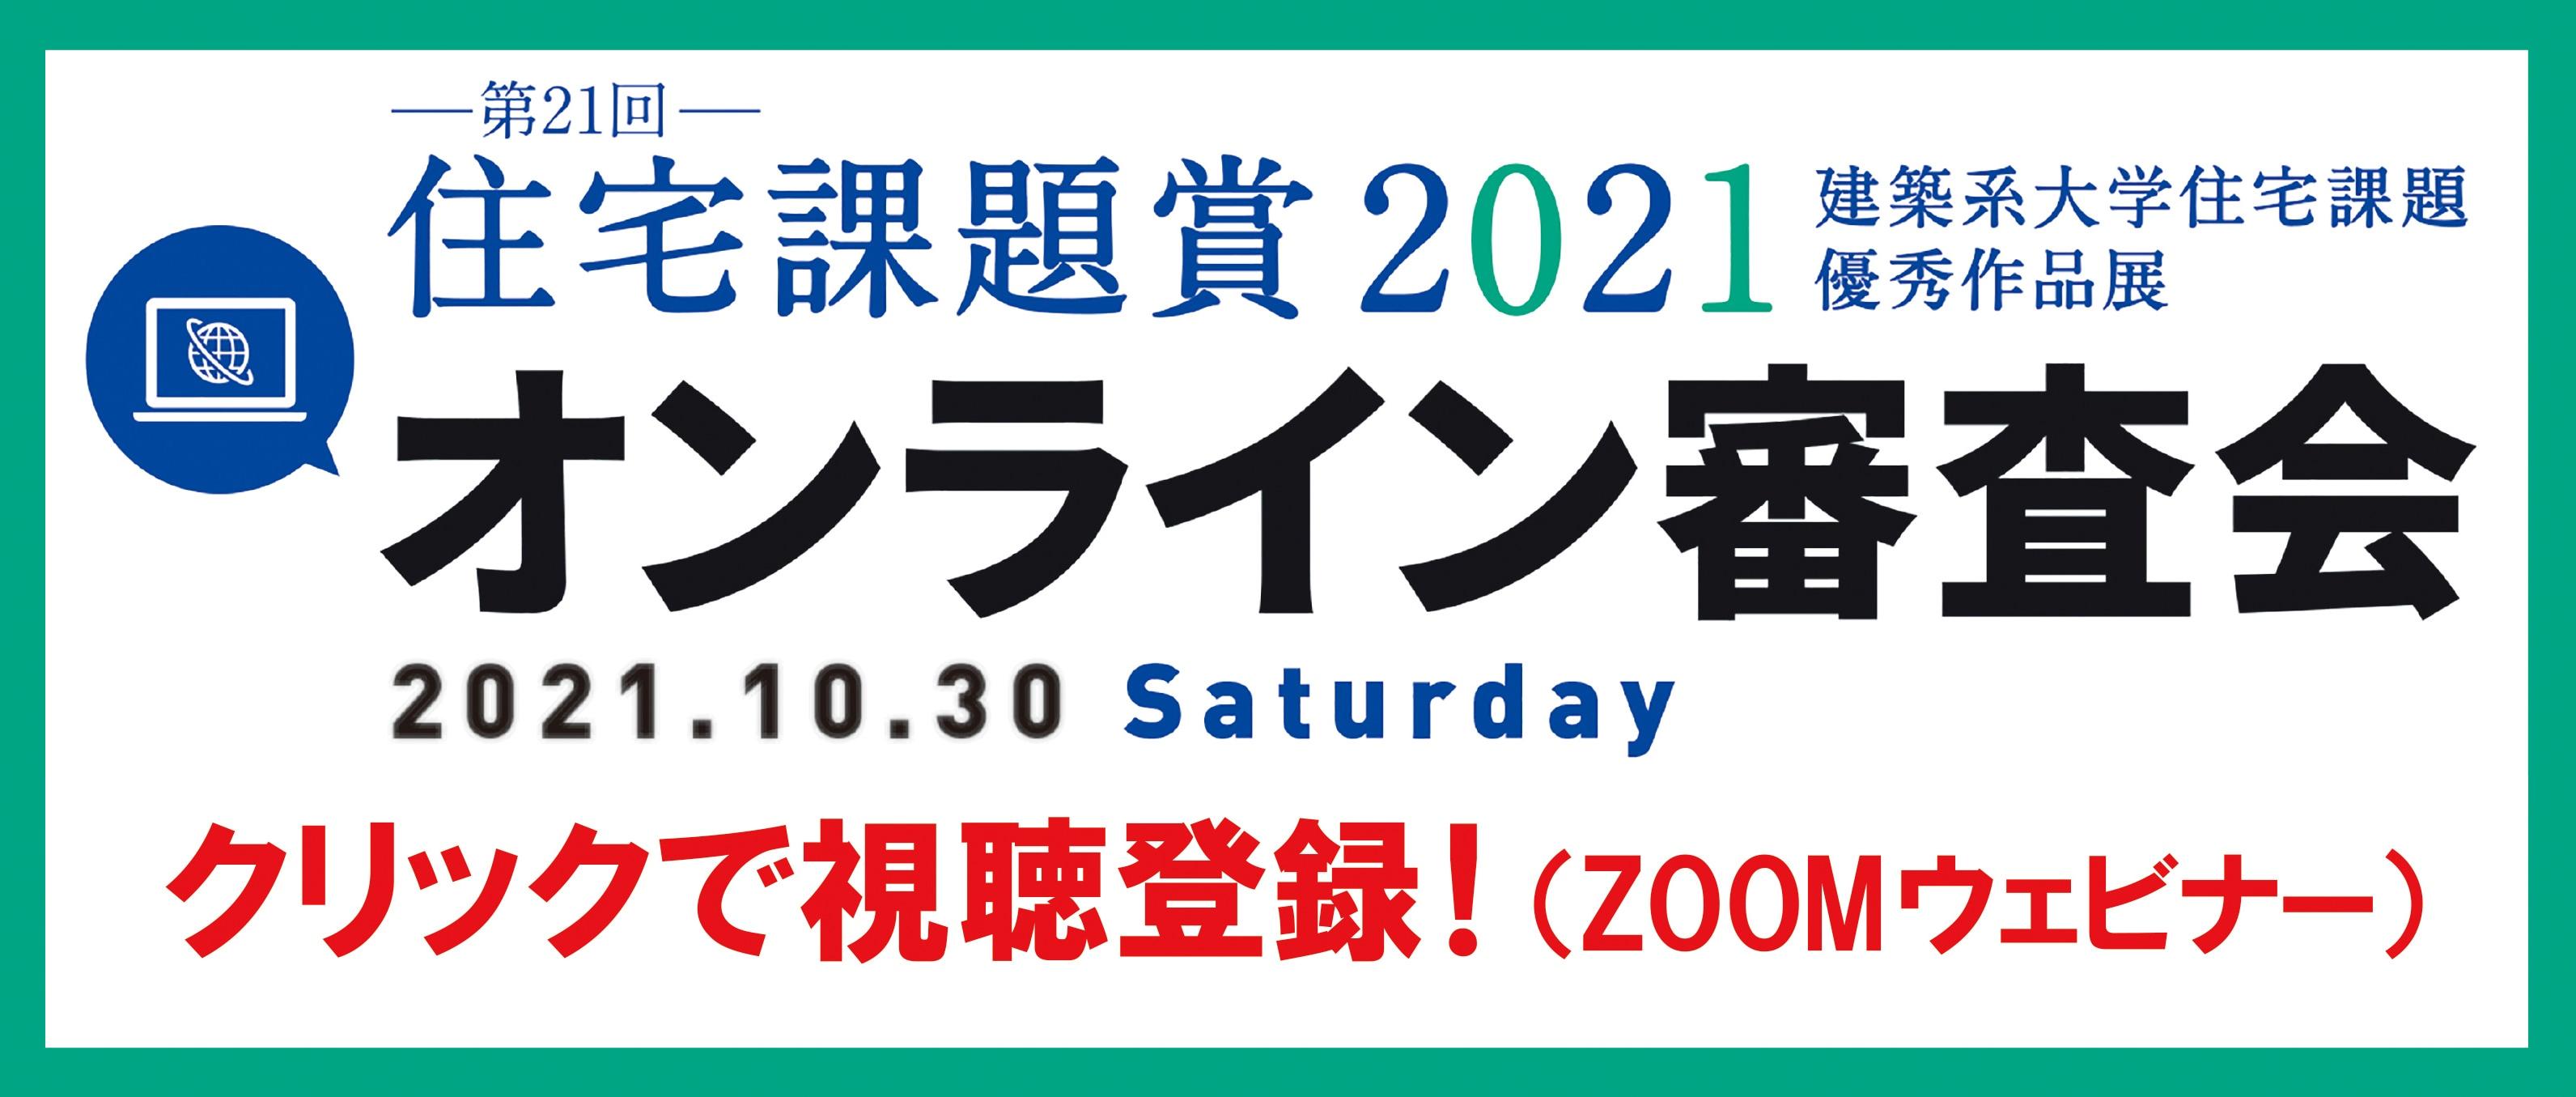 jutakukadai2021